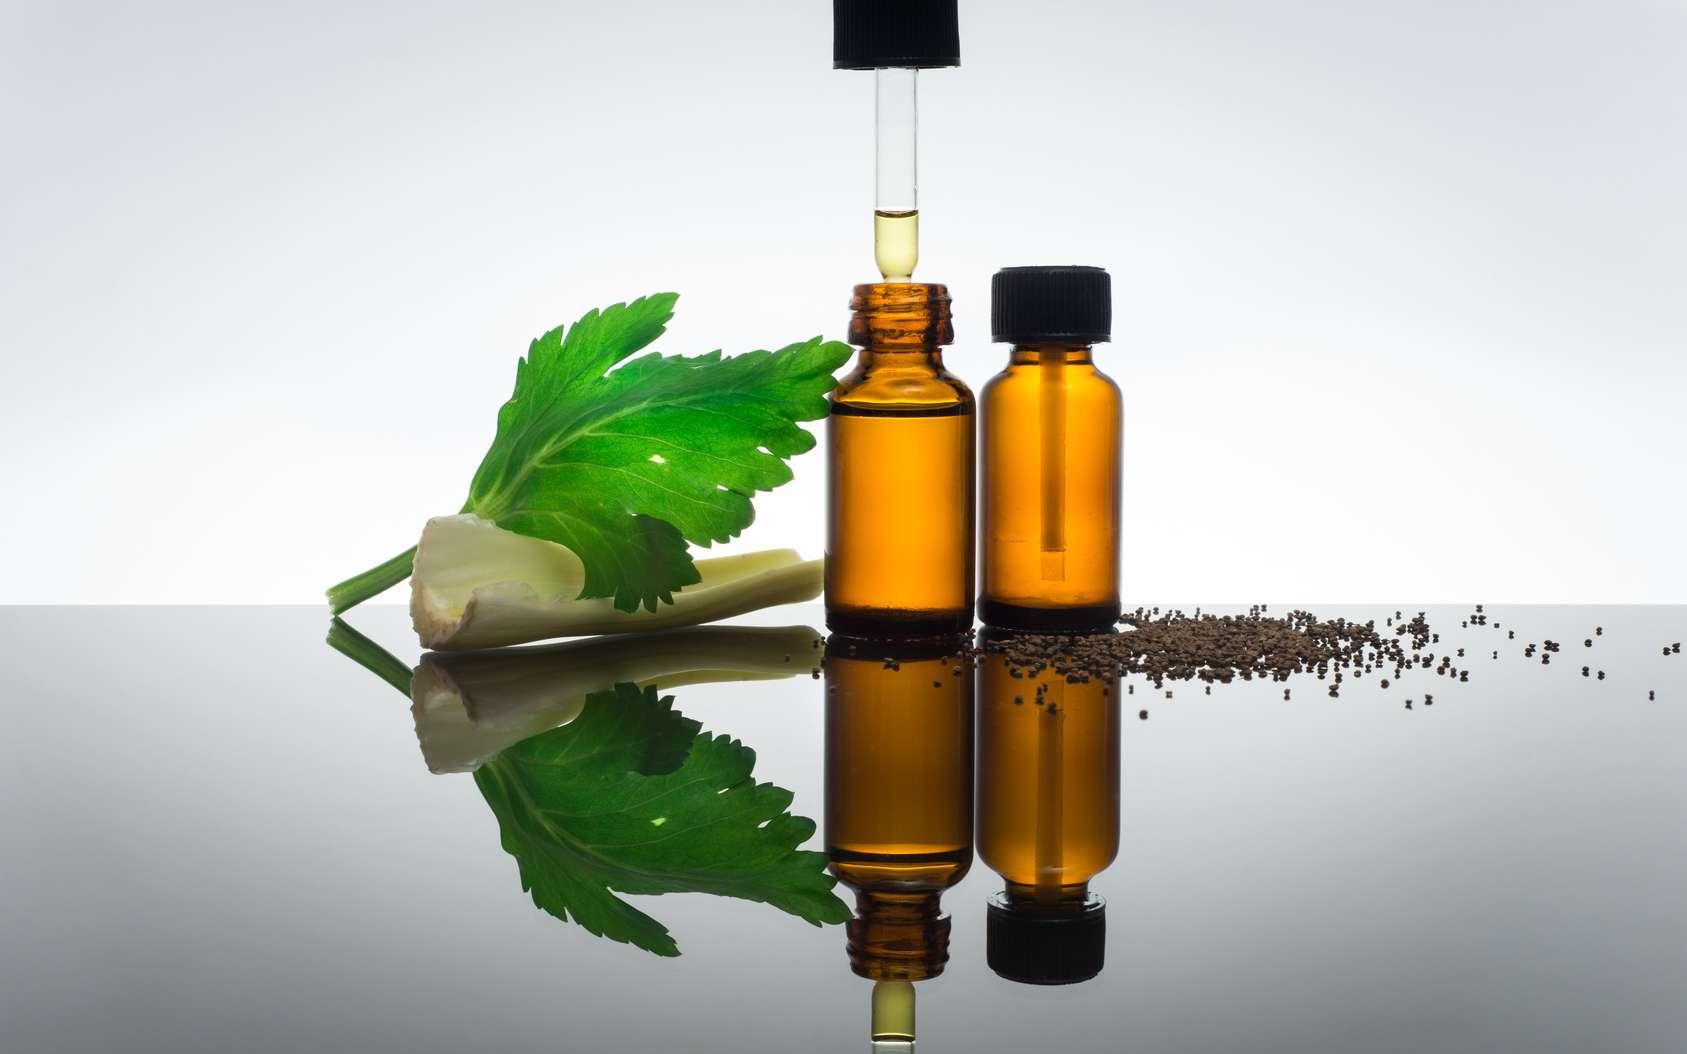 L'huile essentielle de céleri permet de lutter contre la mauvaise haleine. © Serenacar, Fotolia